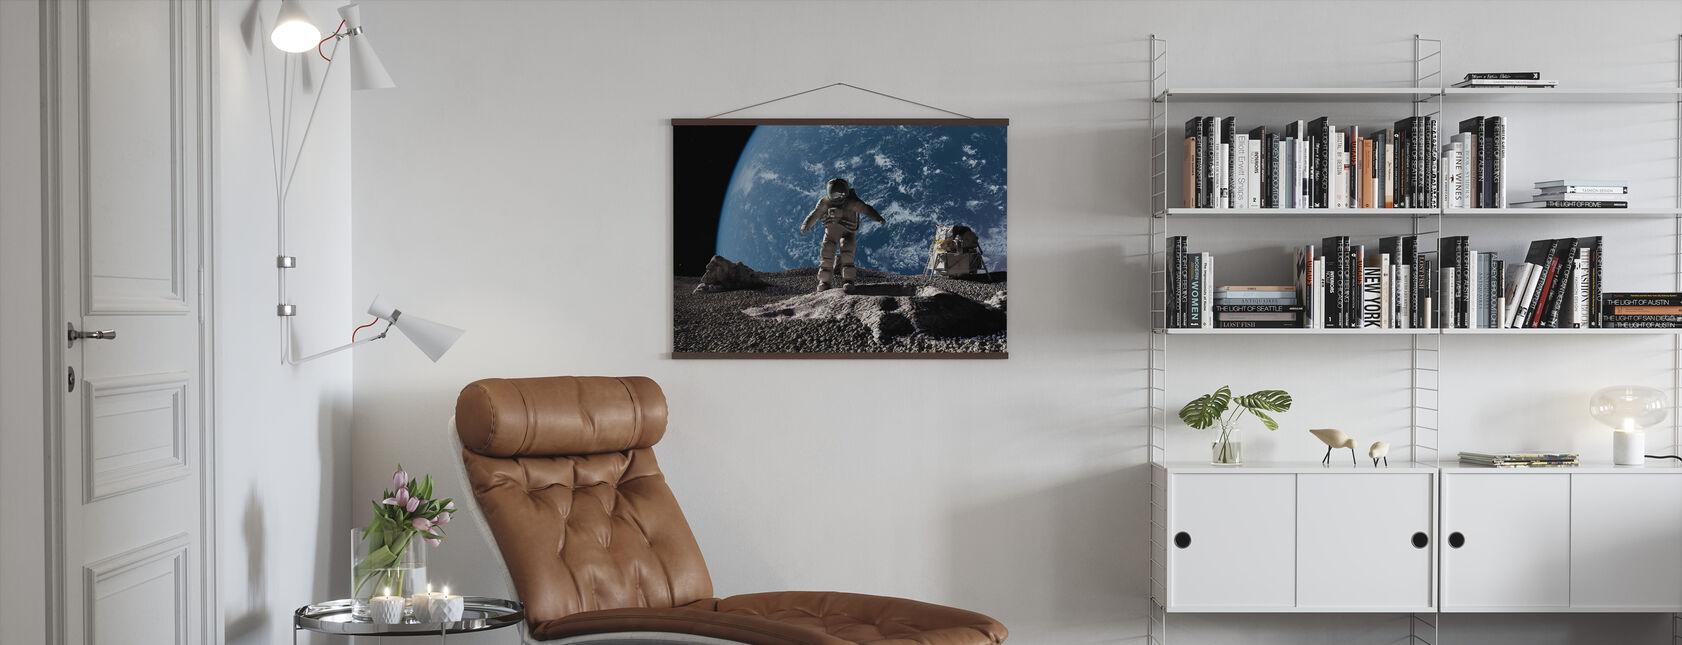 Astronaut med jorden i bakgrunden - Poster - Vardagsrum